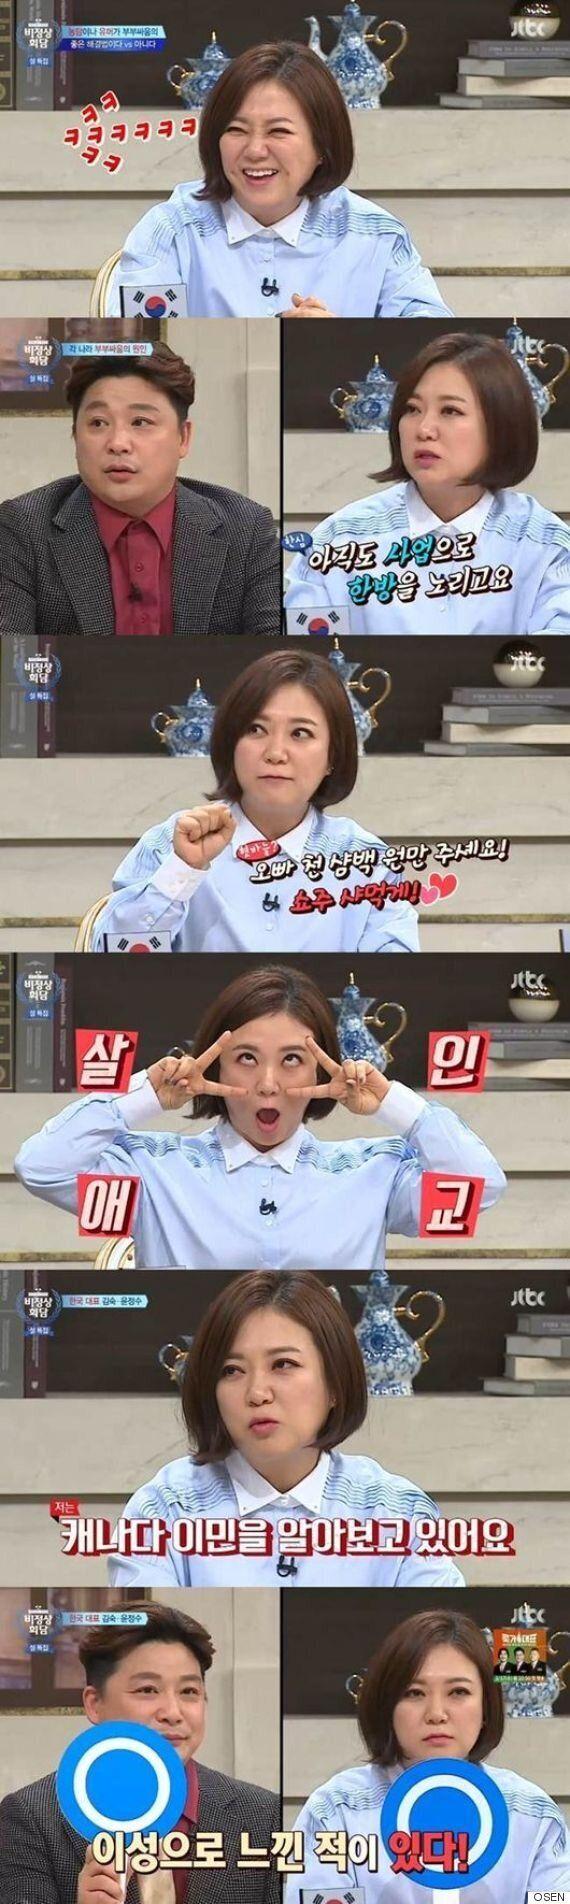 [어저께TV] '비정상회담' 김숙, 톡 쏘는 사이다